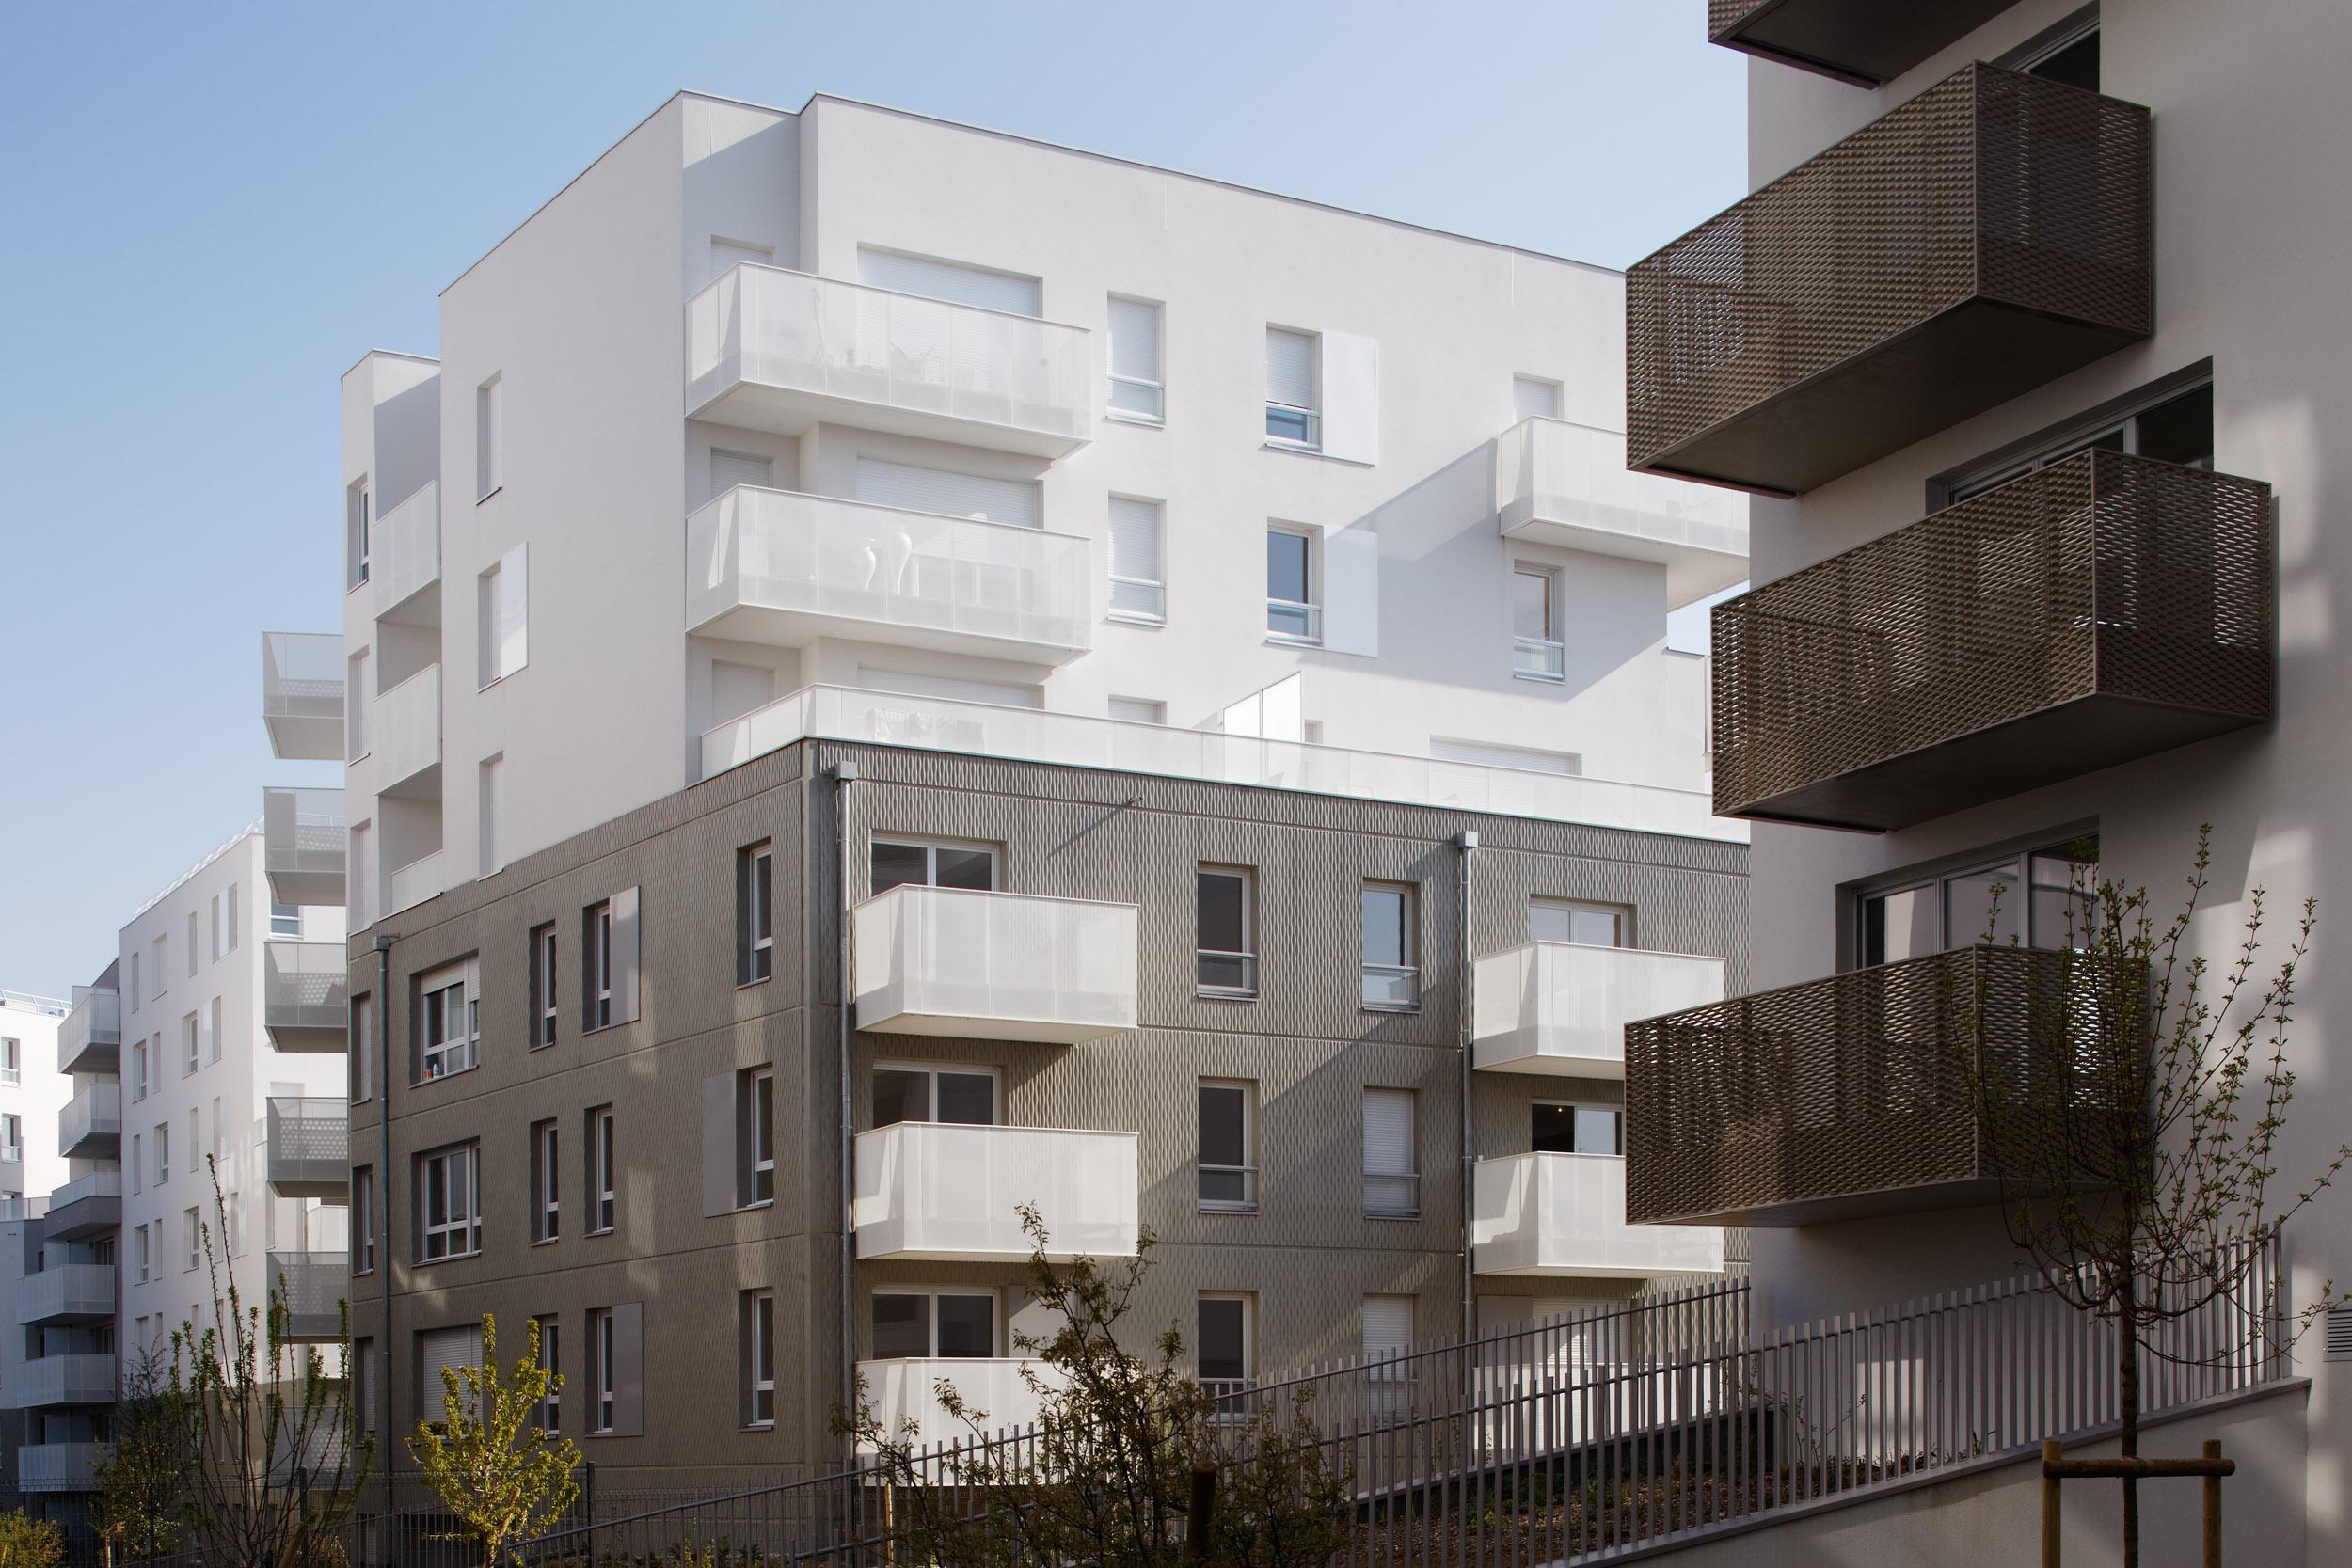 CENCI ET JACQUOT ARCHITECTES / LOGEMENTS CHAMPIGNY-SUR-MARNE | Daniel MOULINET